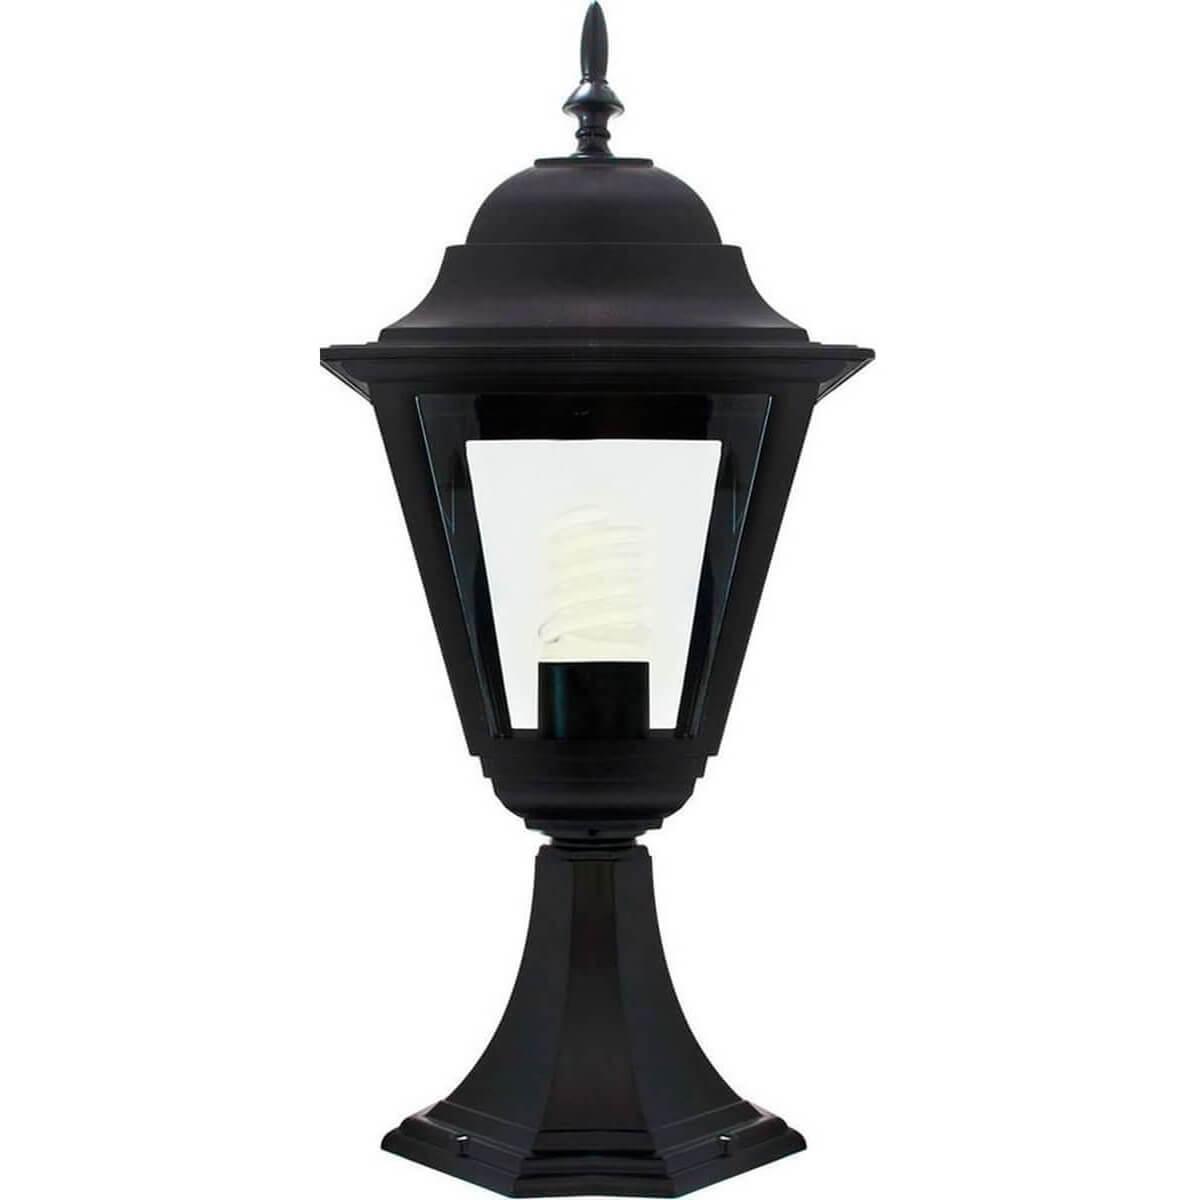 Уличный светильник Feron 11030, E27 уличный светильник feron 8105 fr 11248